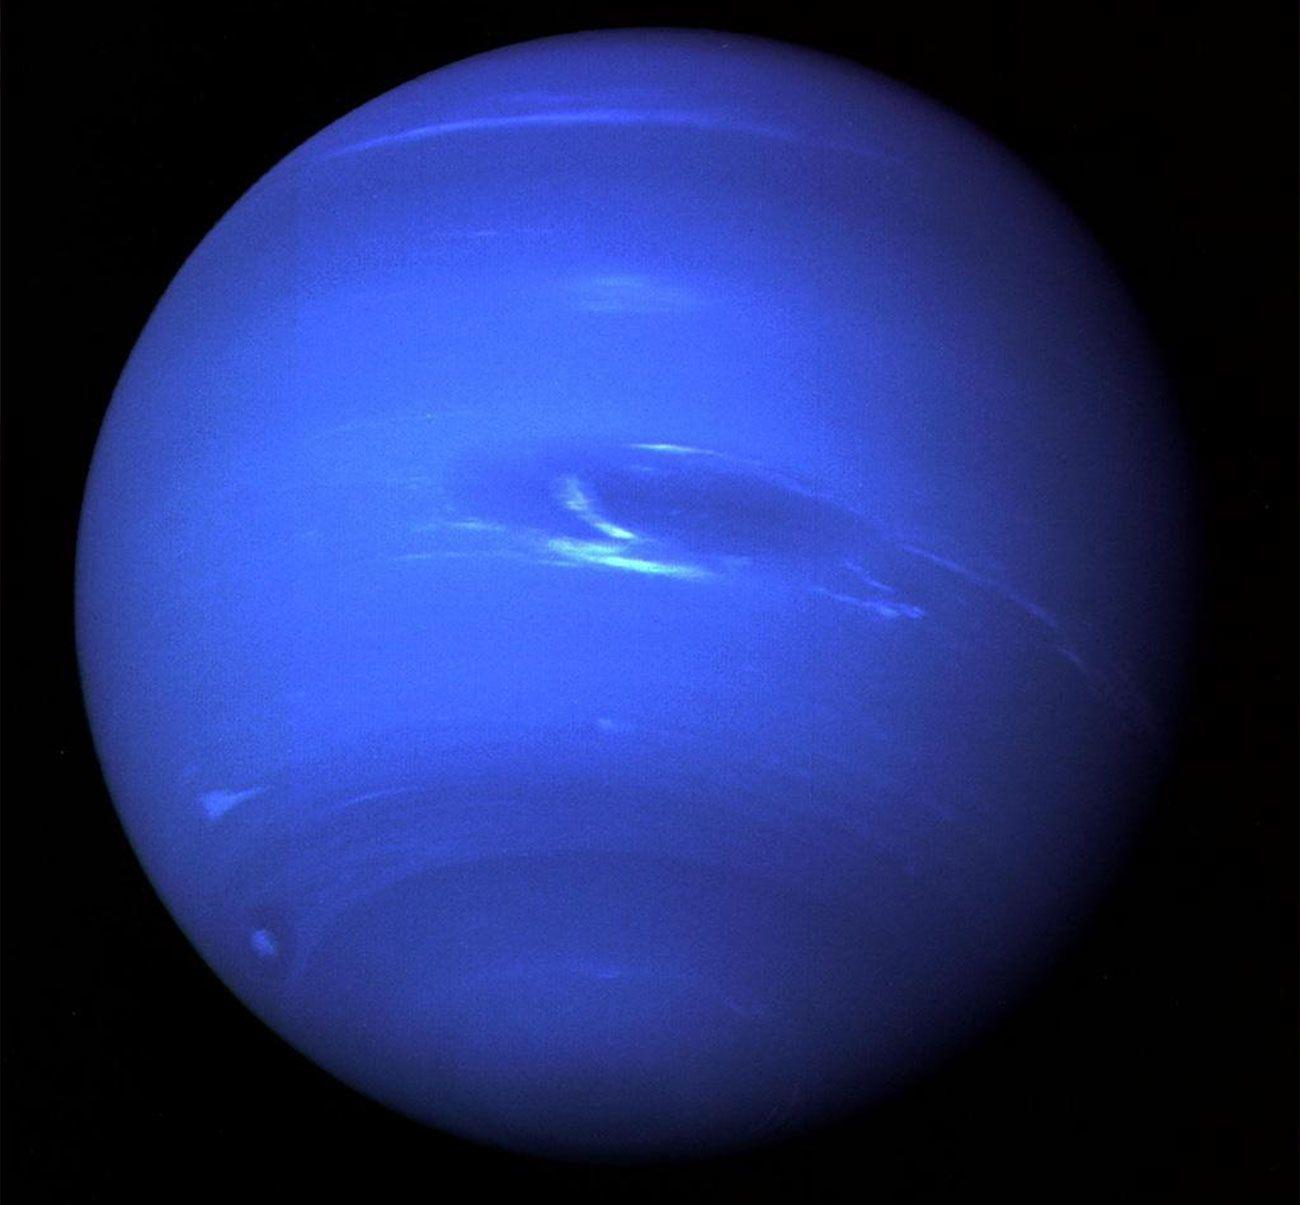 вояджер, нептун